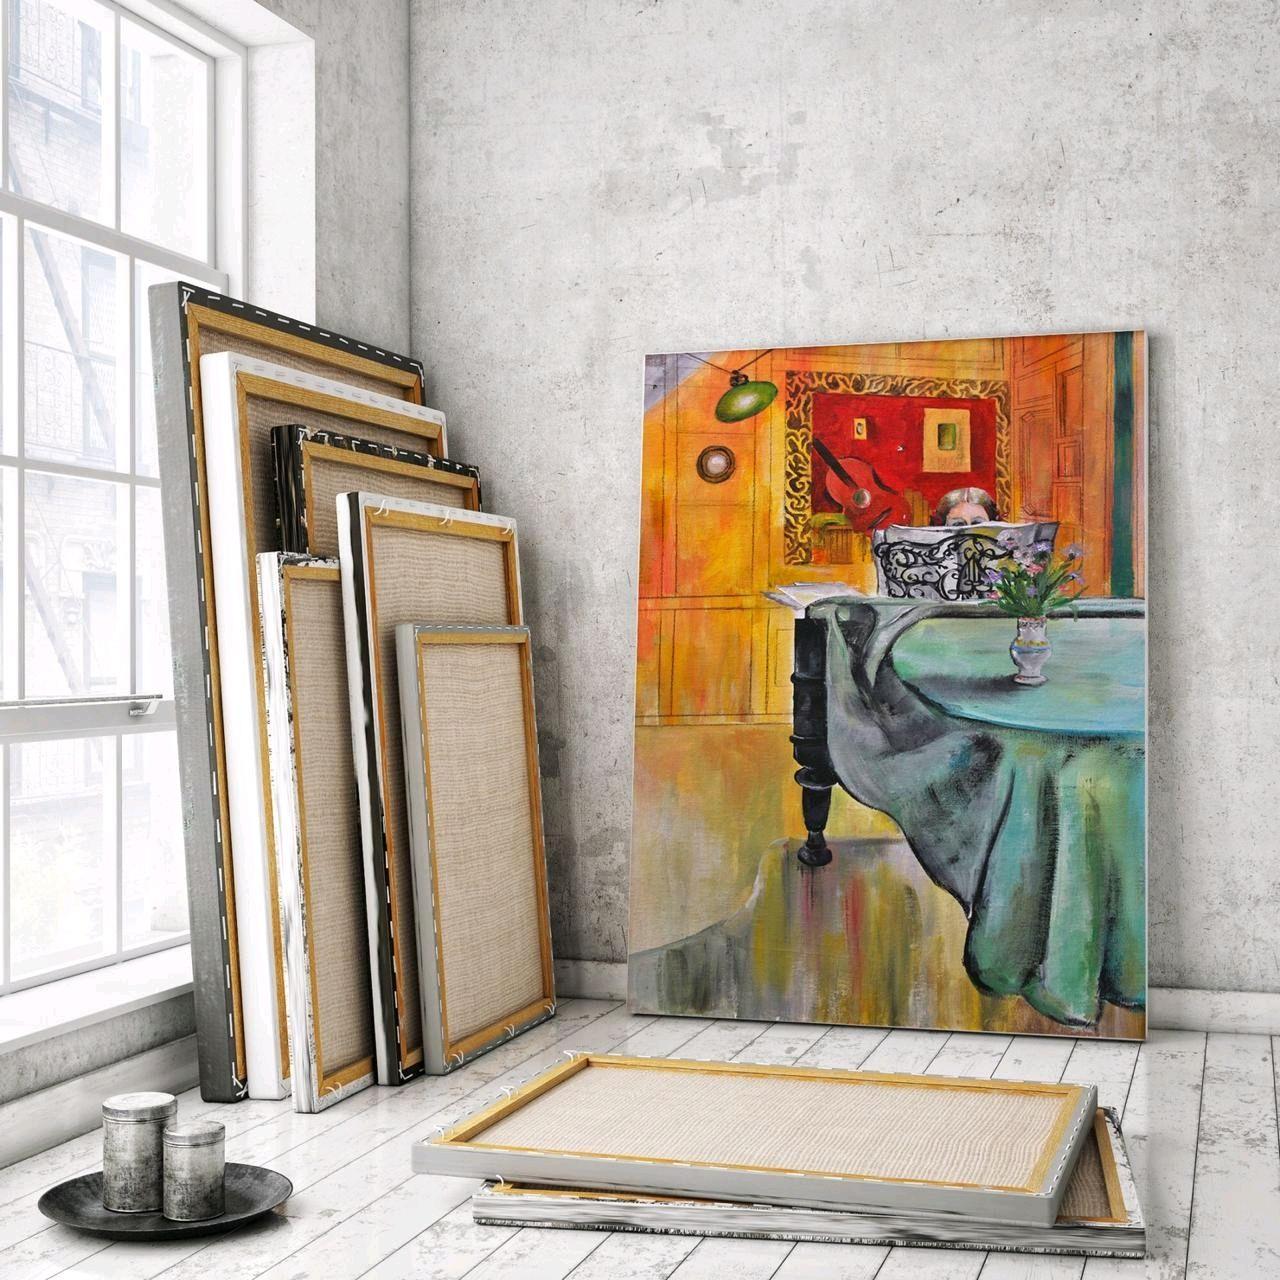 Копия картины шведского художника, Картины, Москва,  Фото №1